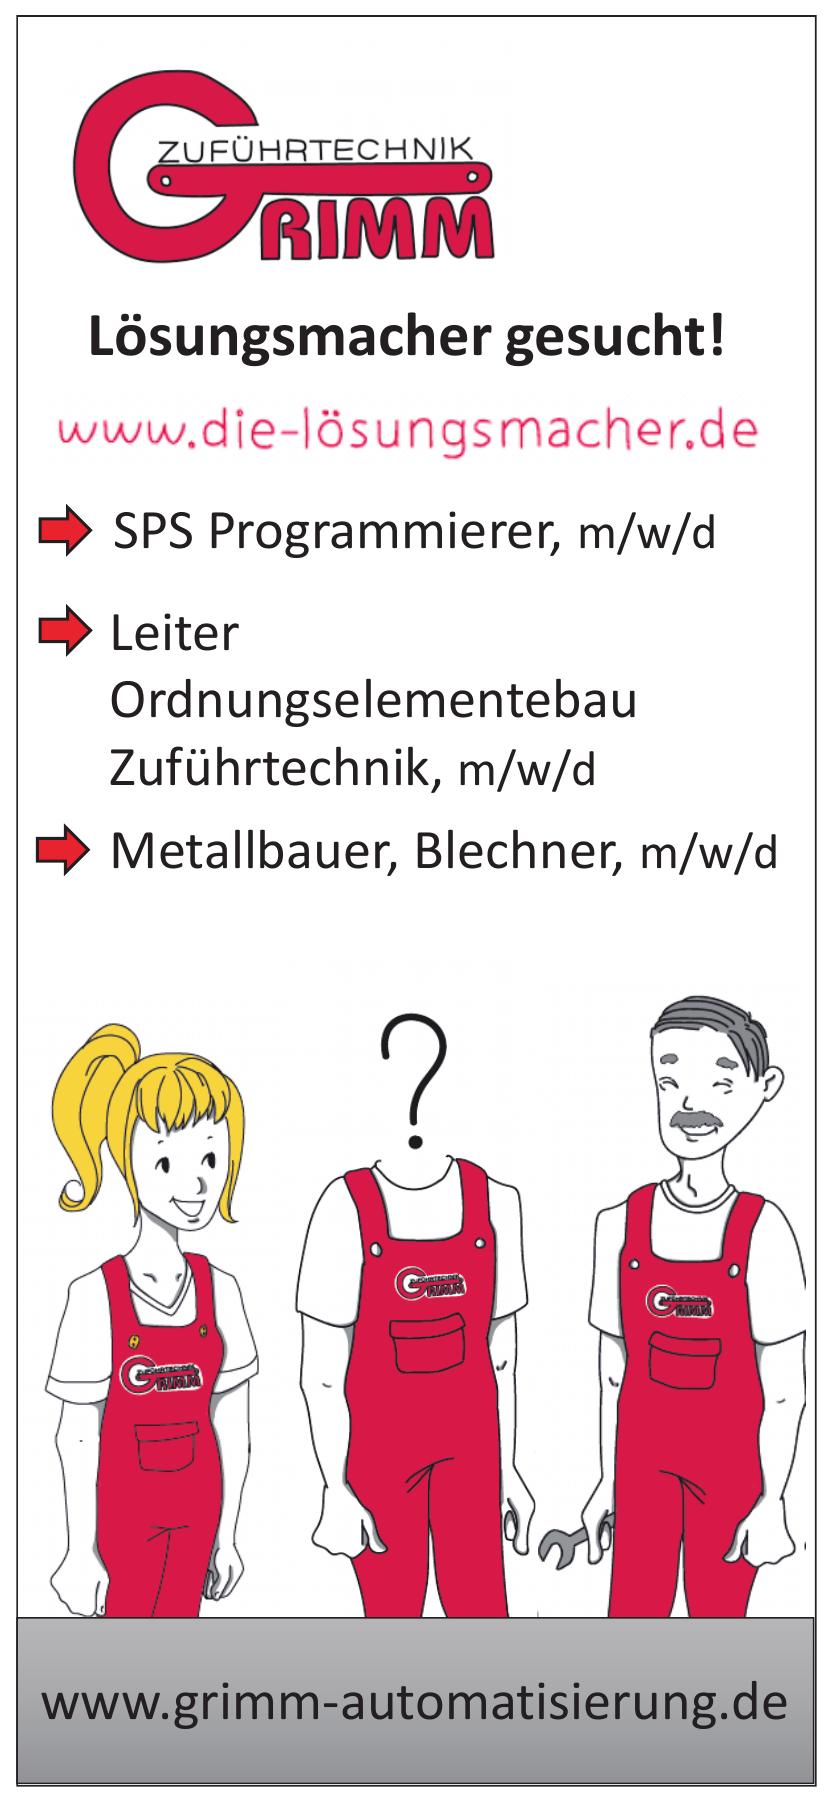 Grimm Zuführtechnik GmbH & Co.KG